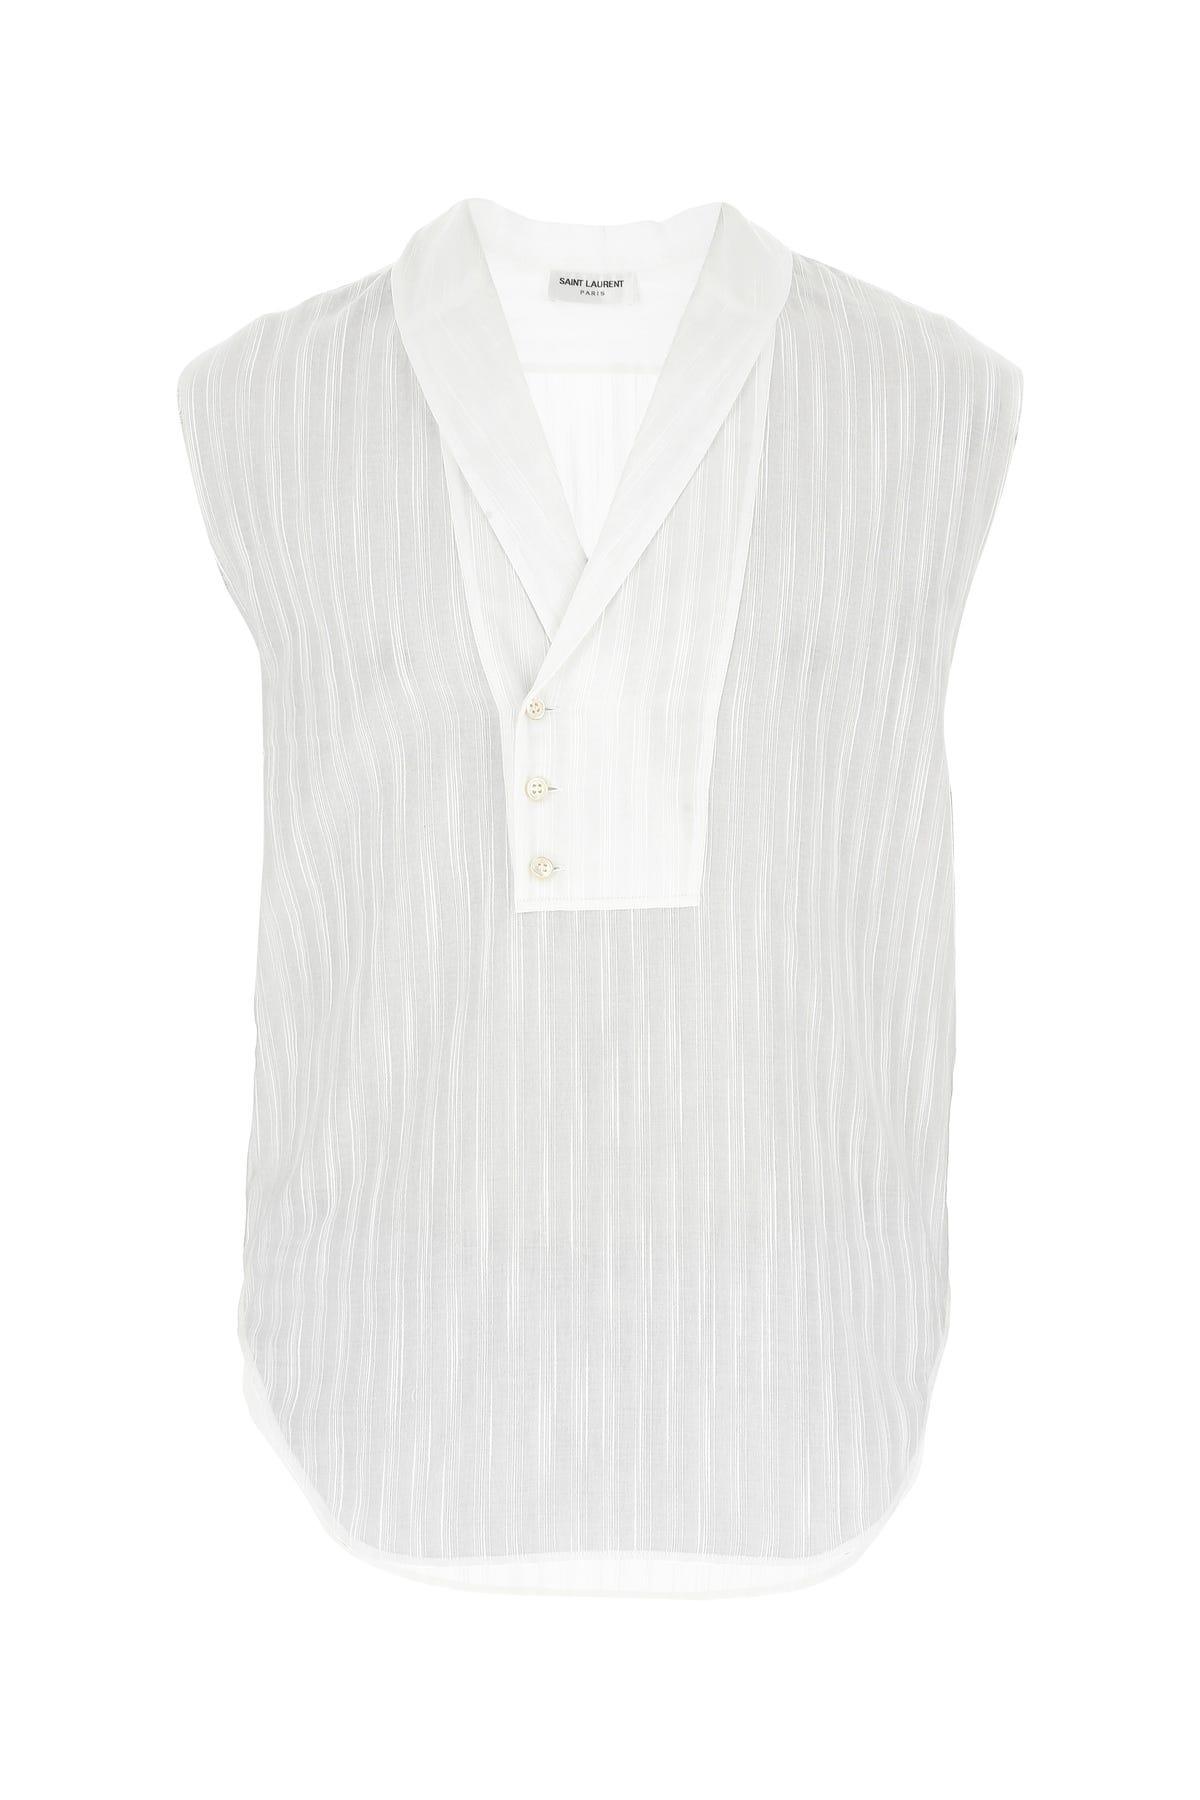 Saint Laurent White Cotton Shirt  White  Uomo 41